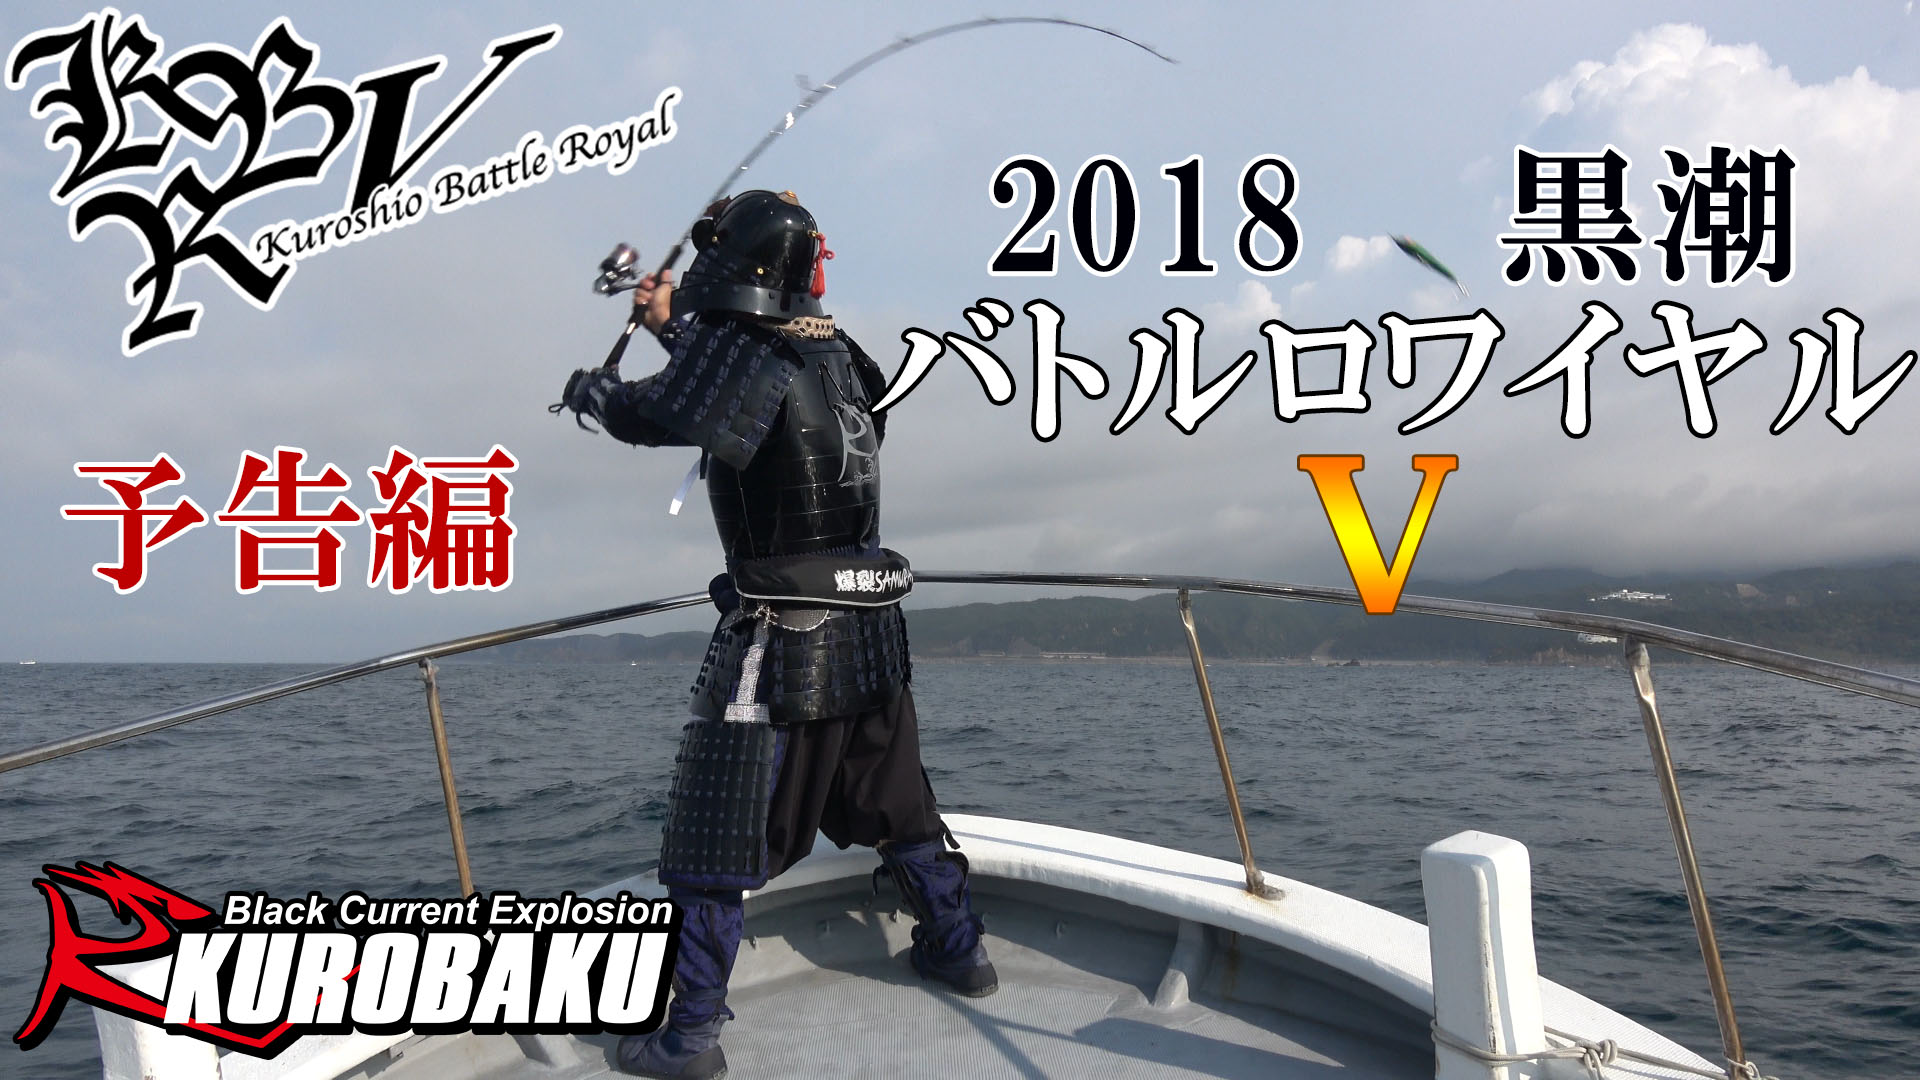 2018黒潮バトルロワイヤルⅤ予告編のサムネイル